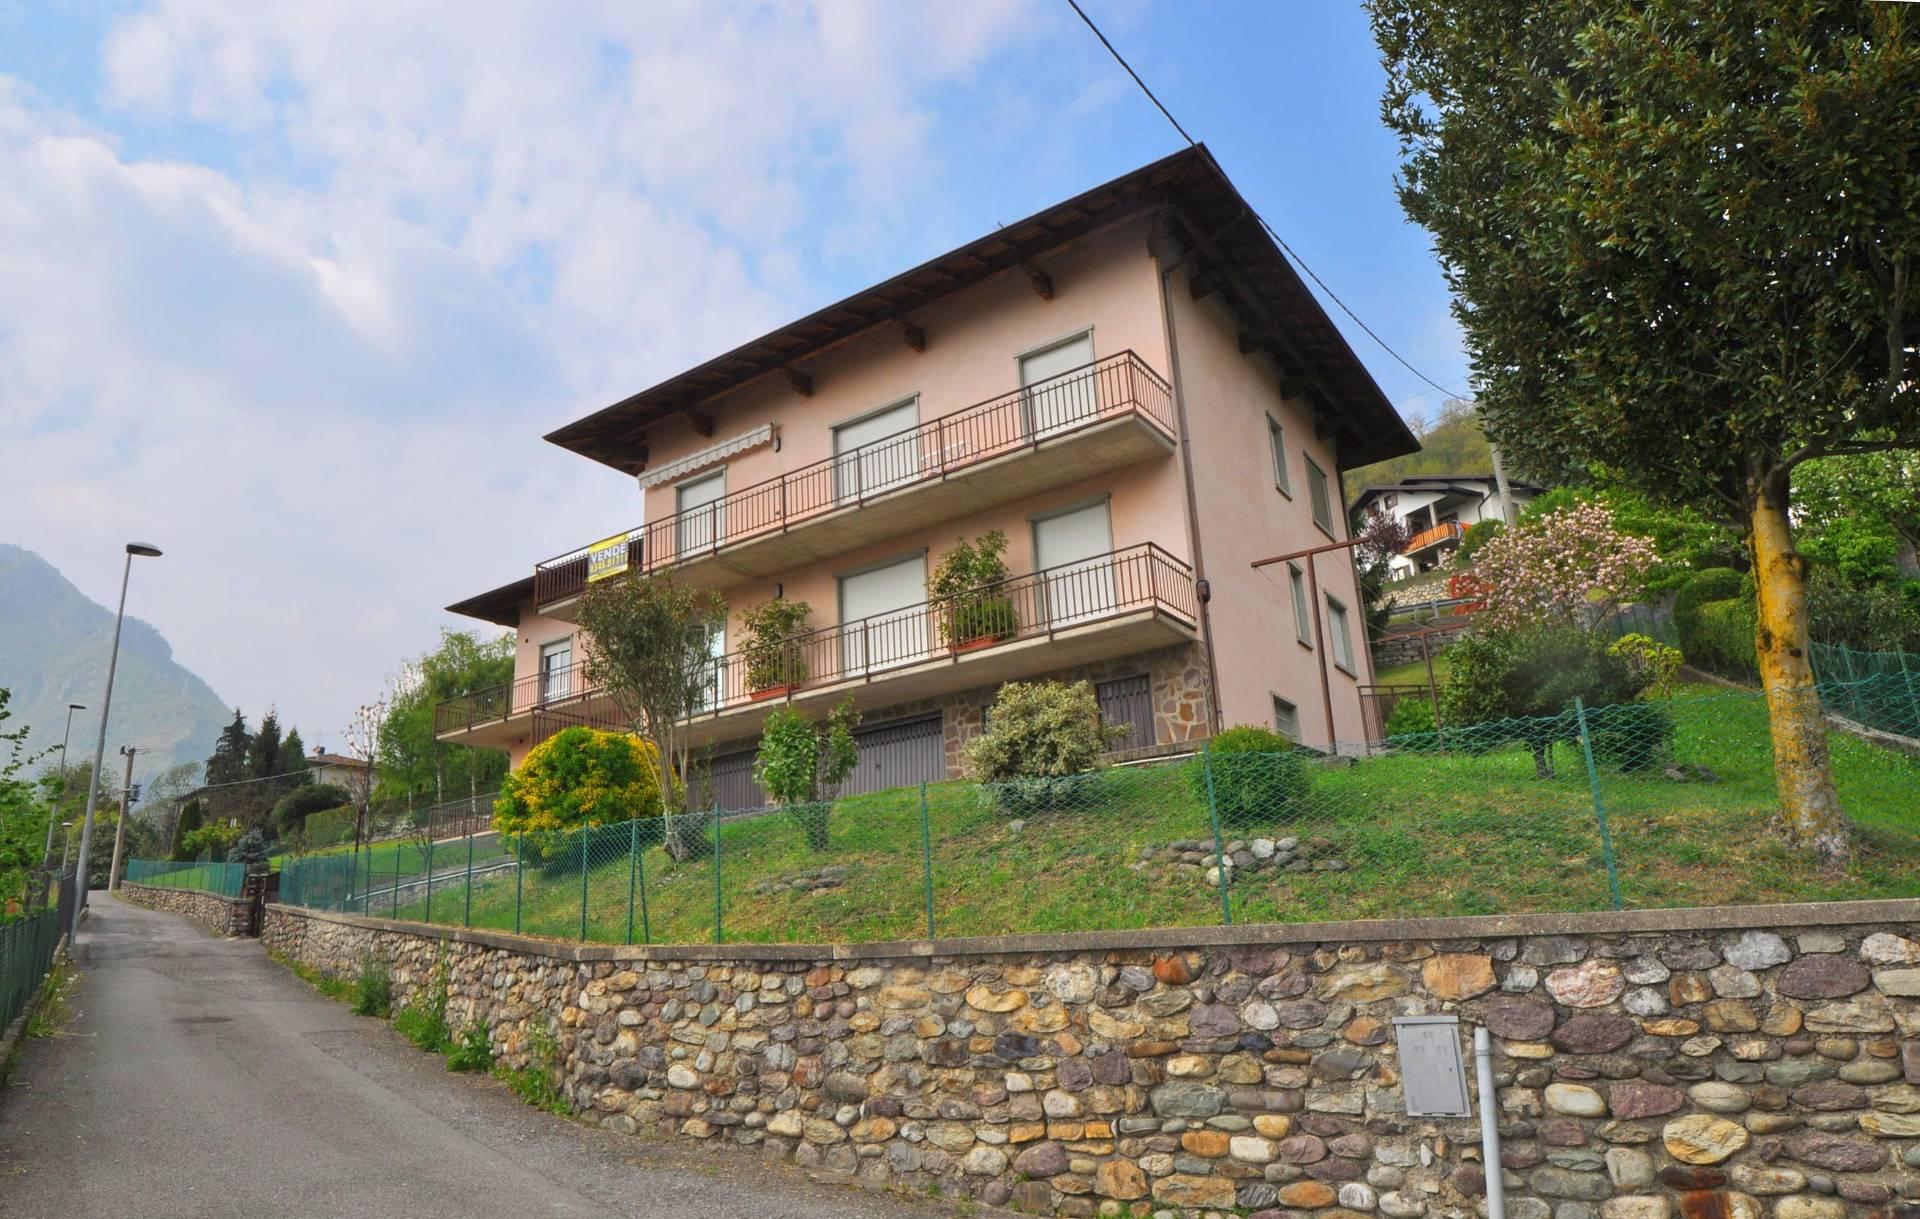 Appartamento in vendita a Zogno, 5 locali, zona Località: SpinoalBrembo, Trattative riservate | Cambio Casa.it